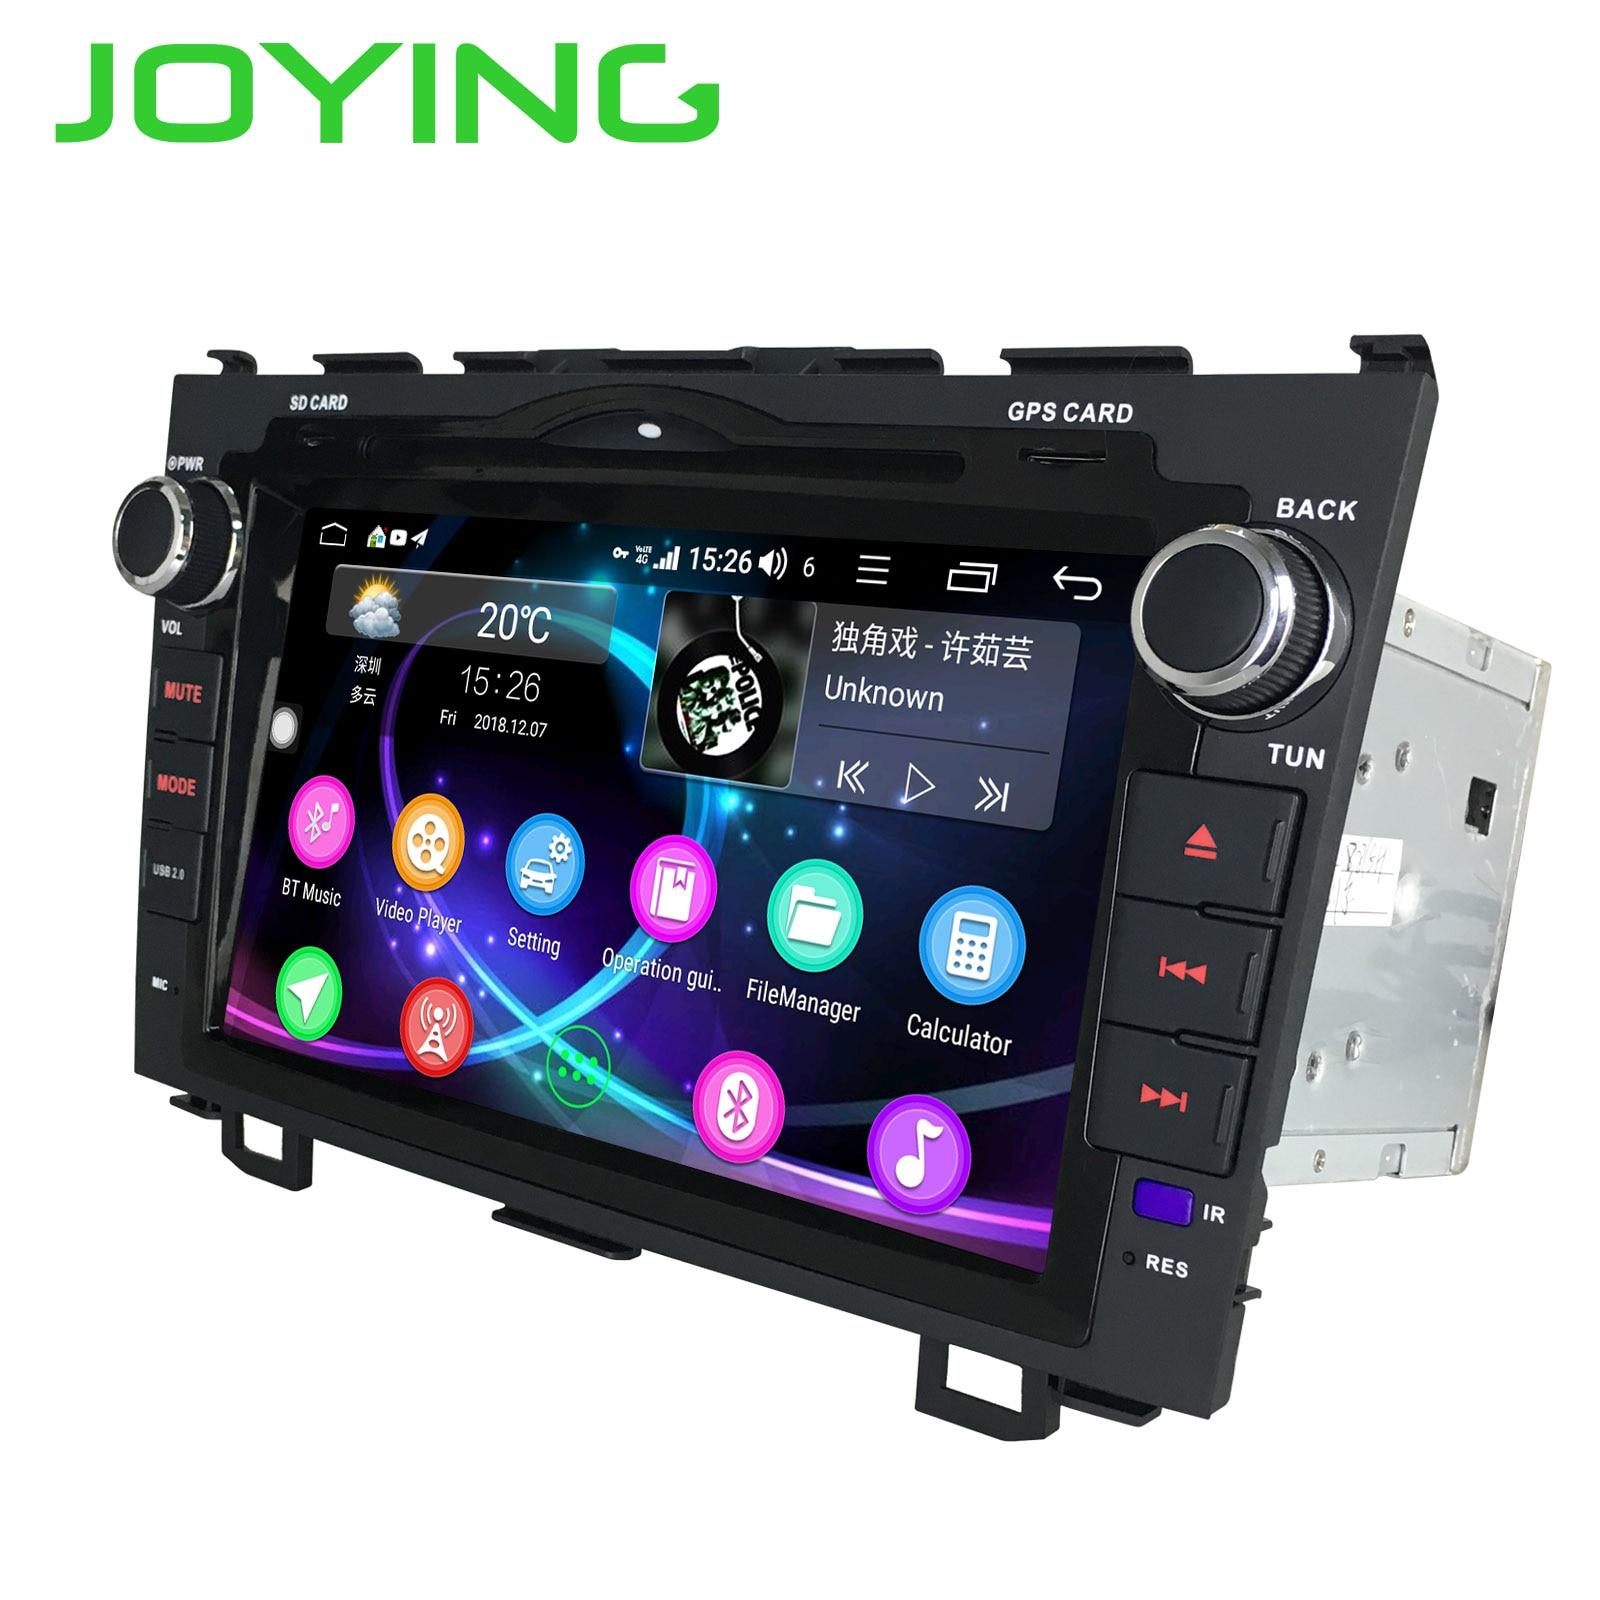 人気 インチのタッチスクリーン液晶の GPS JOYING